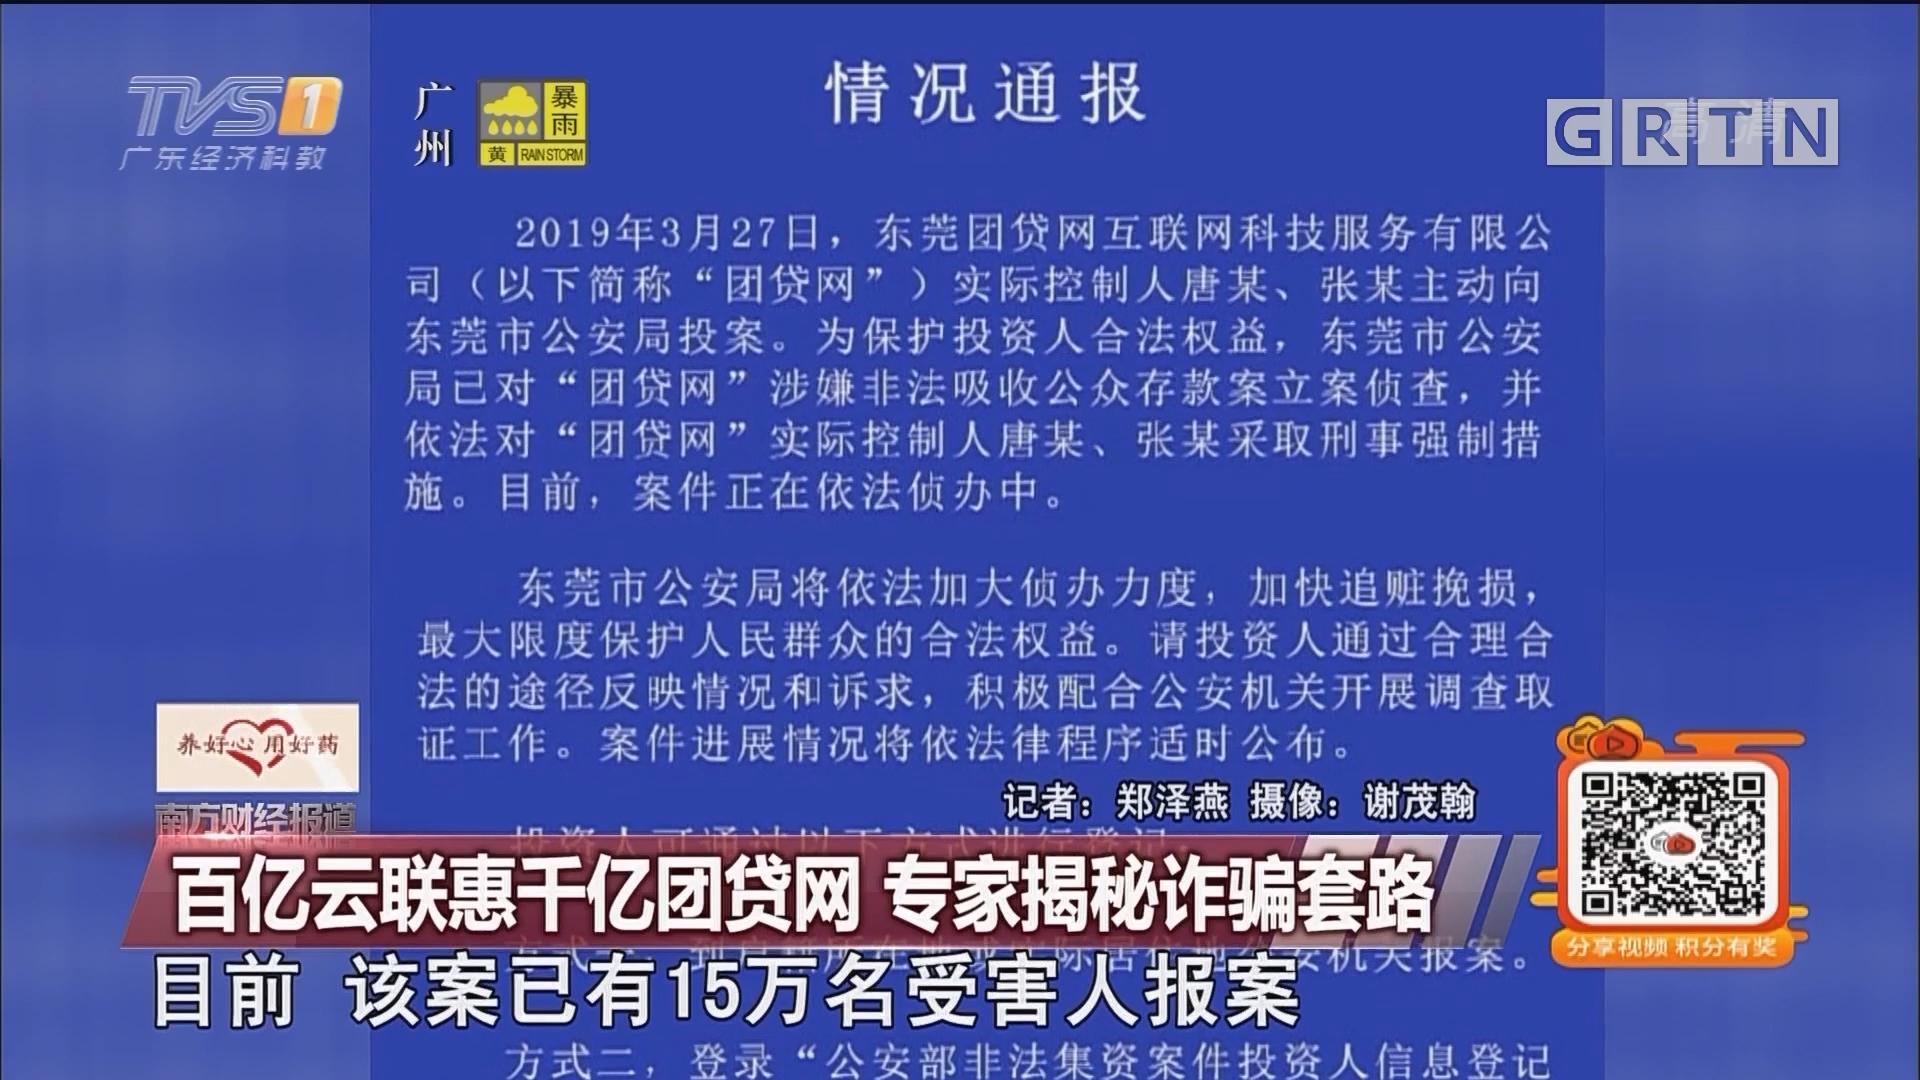 百亿云联惠千亿团贷网 专家揭秘诈骗套路